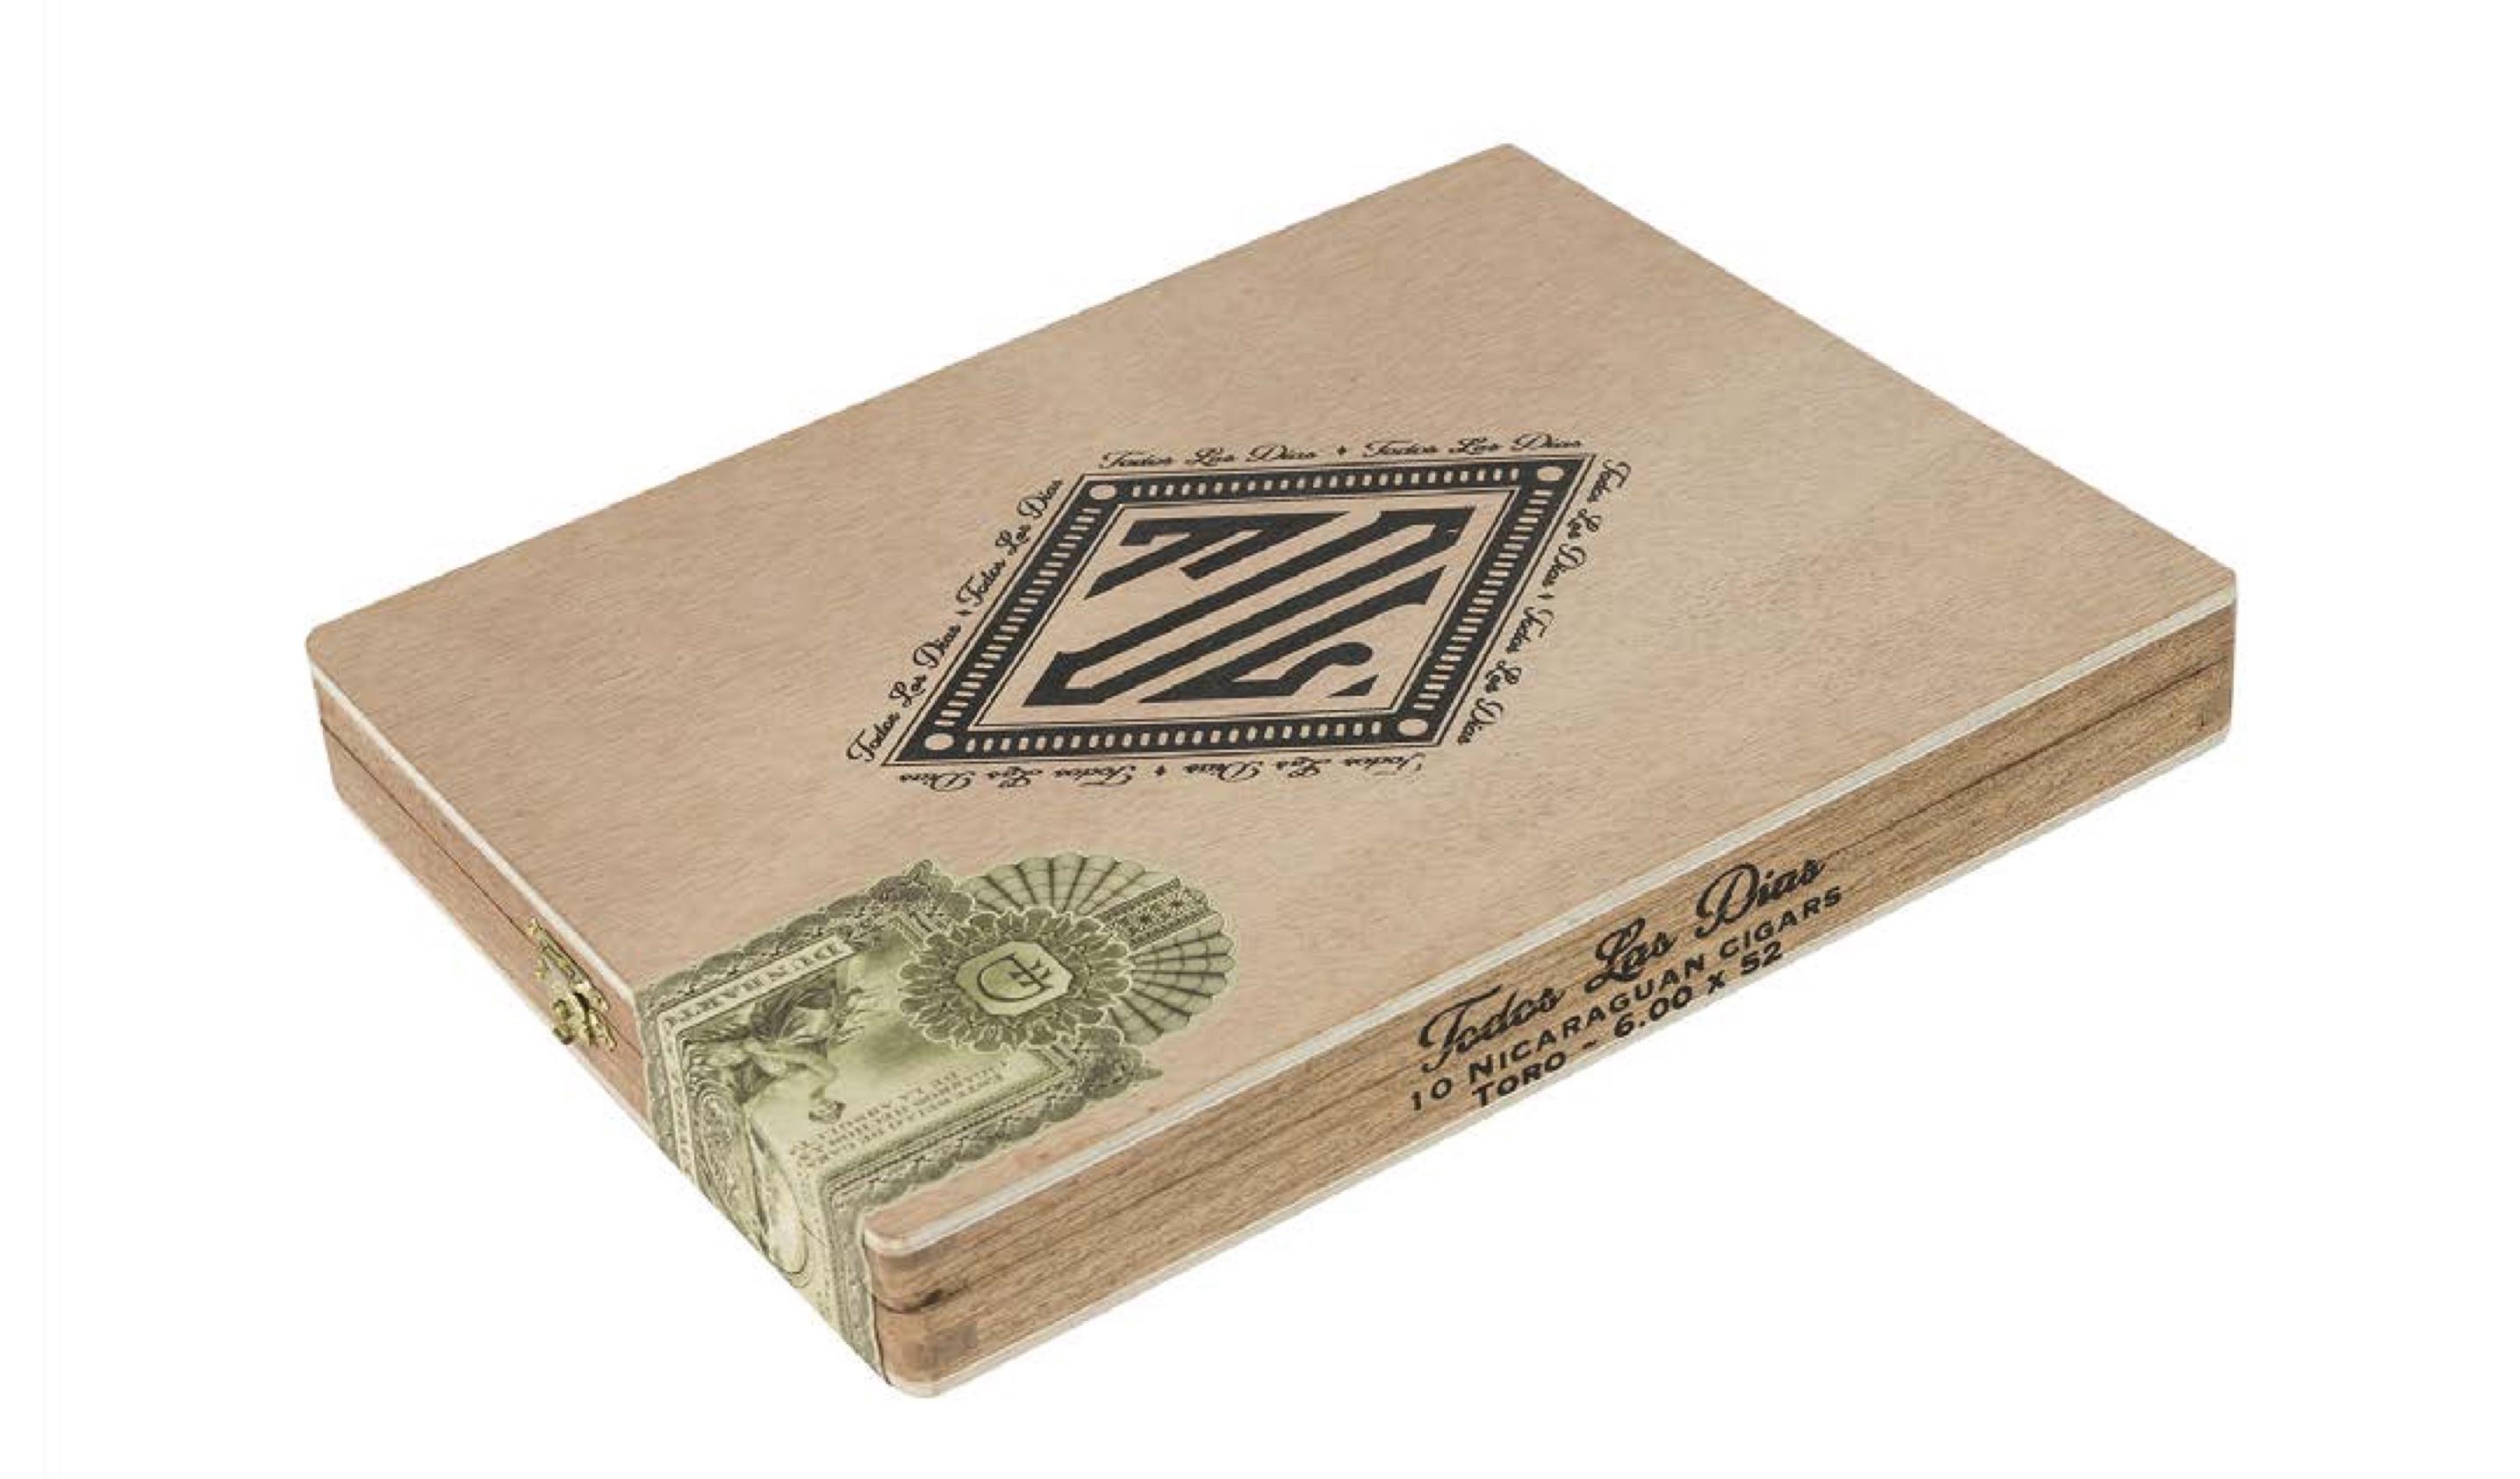 Dunbarton Tobacco and Trust Todos Las Dias Box